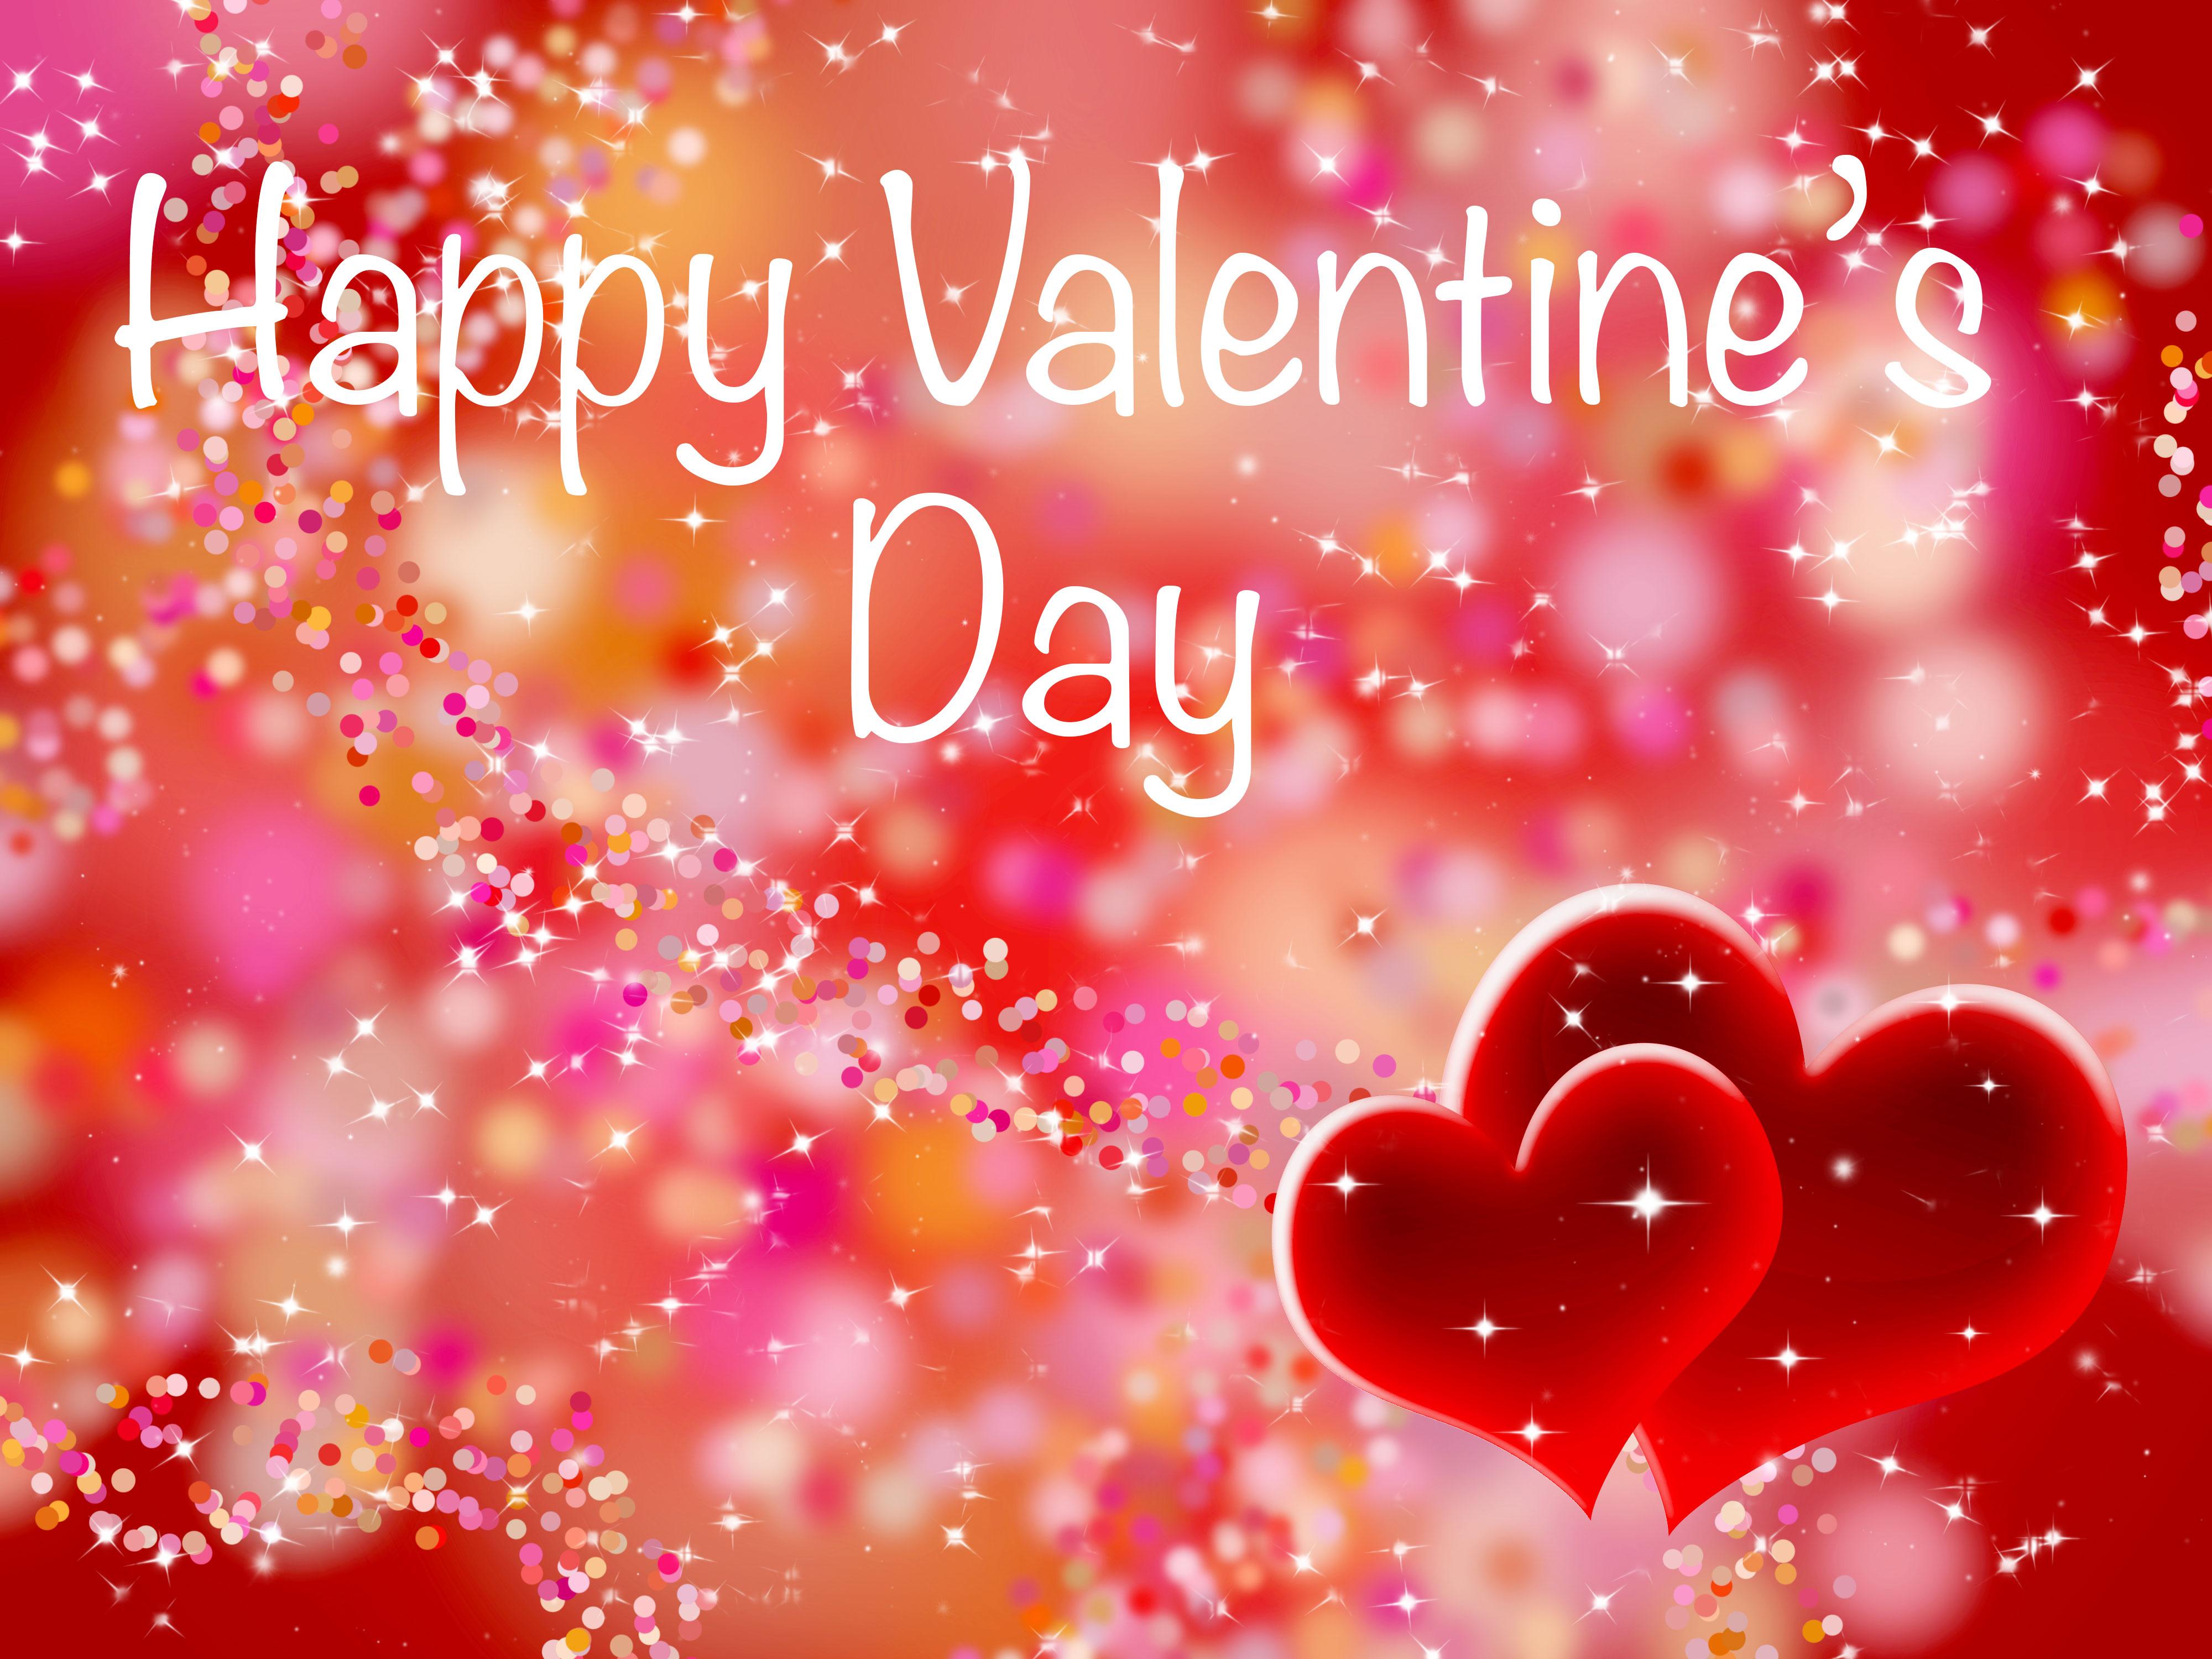 Hình ảnh chúc mừng valentine đẹp